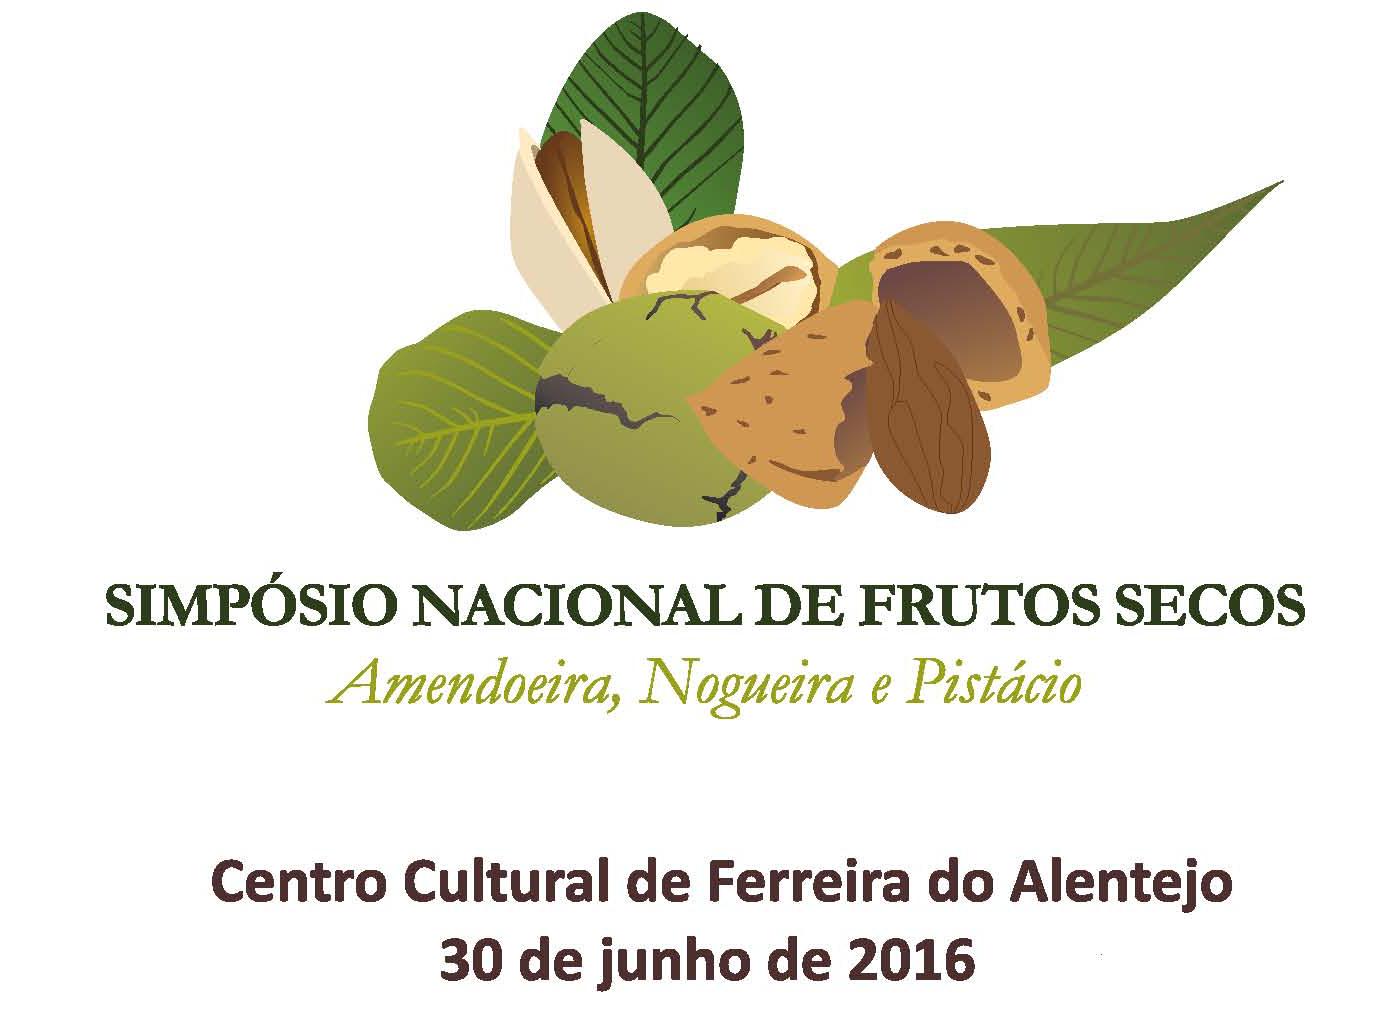 Simpósio Nacional Frutos Secos